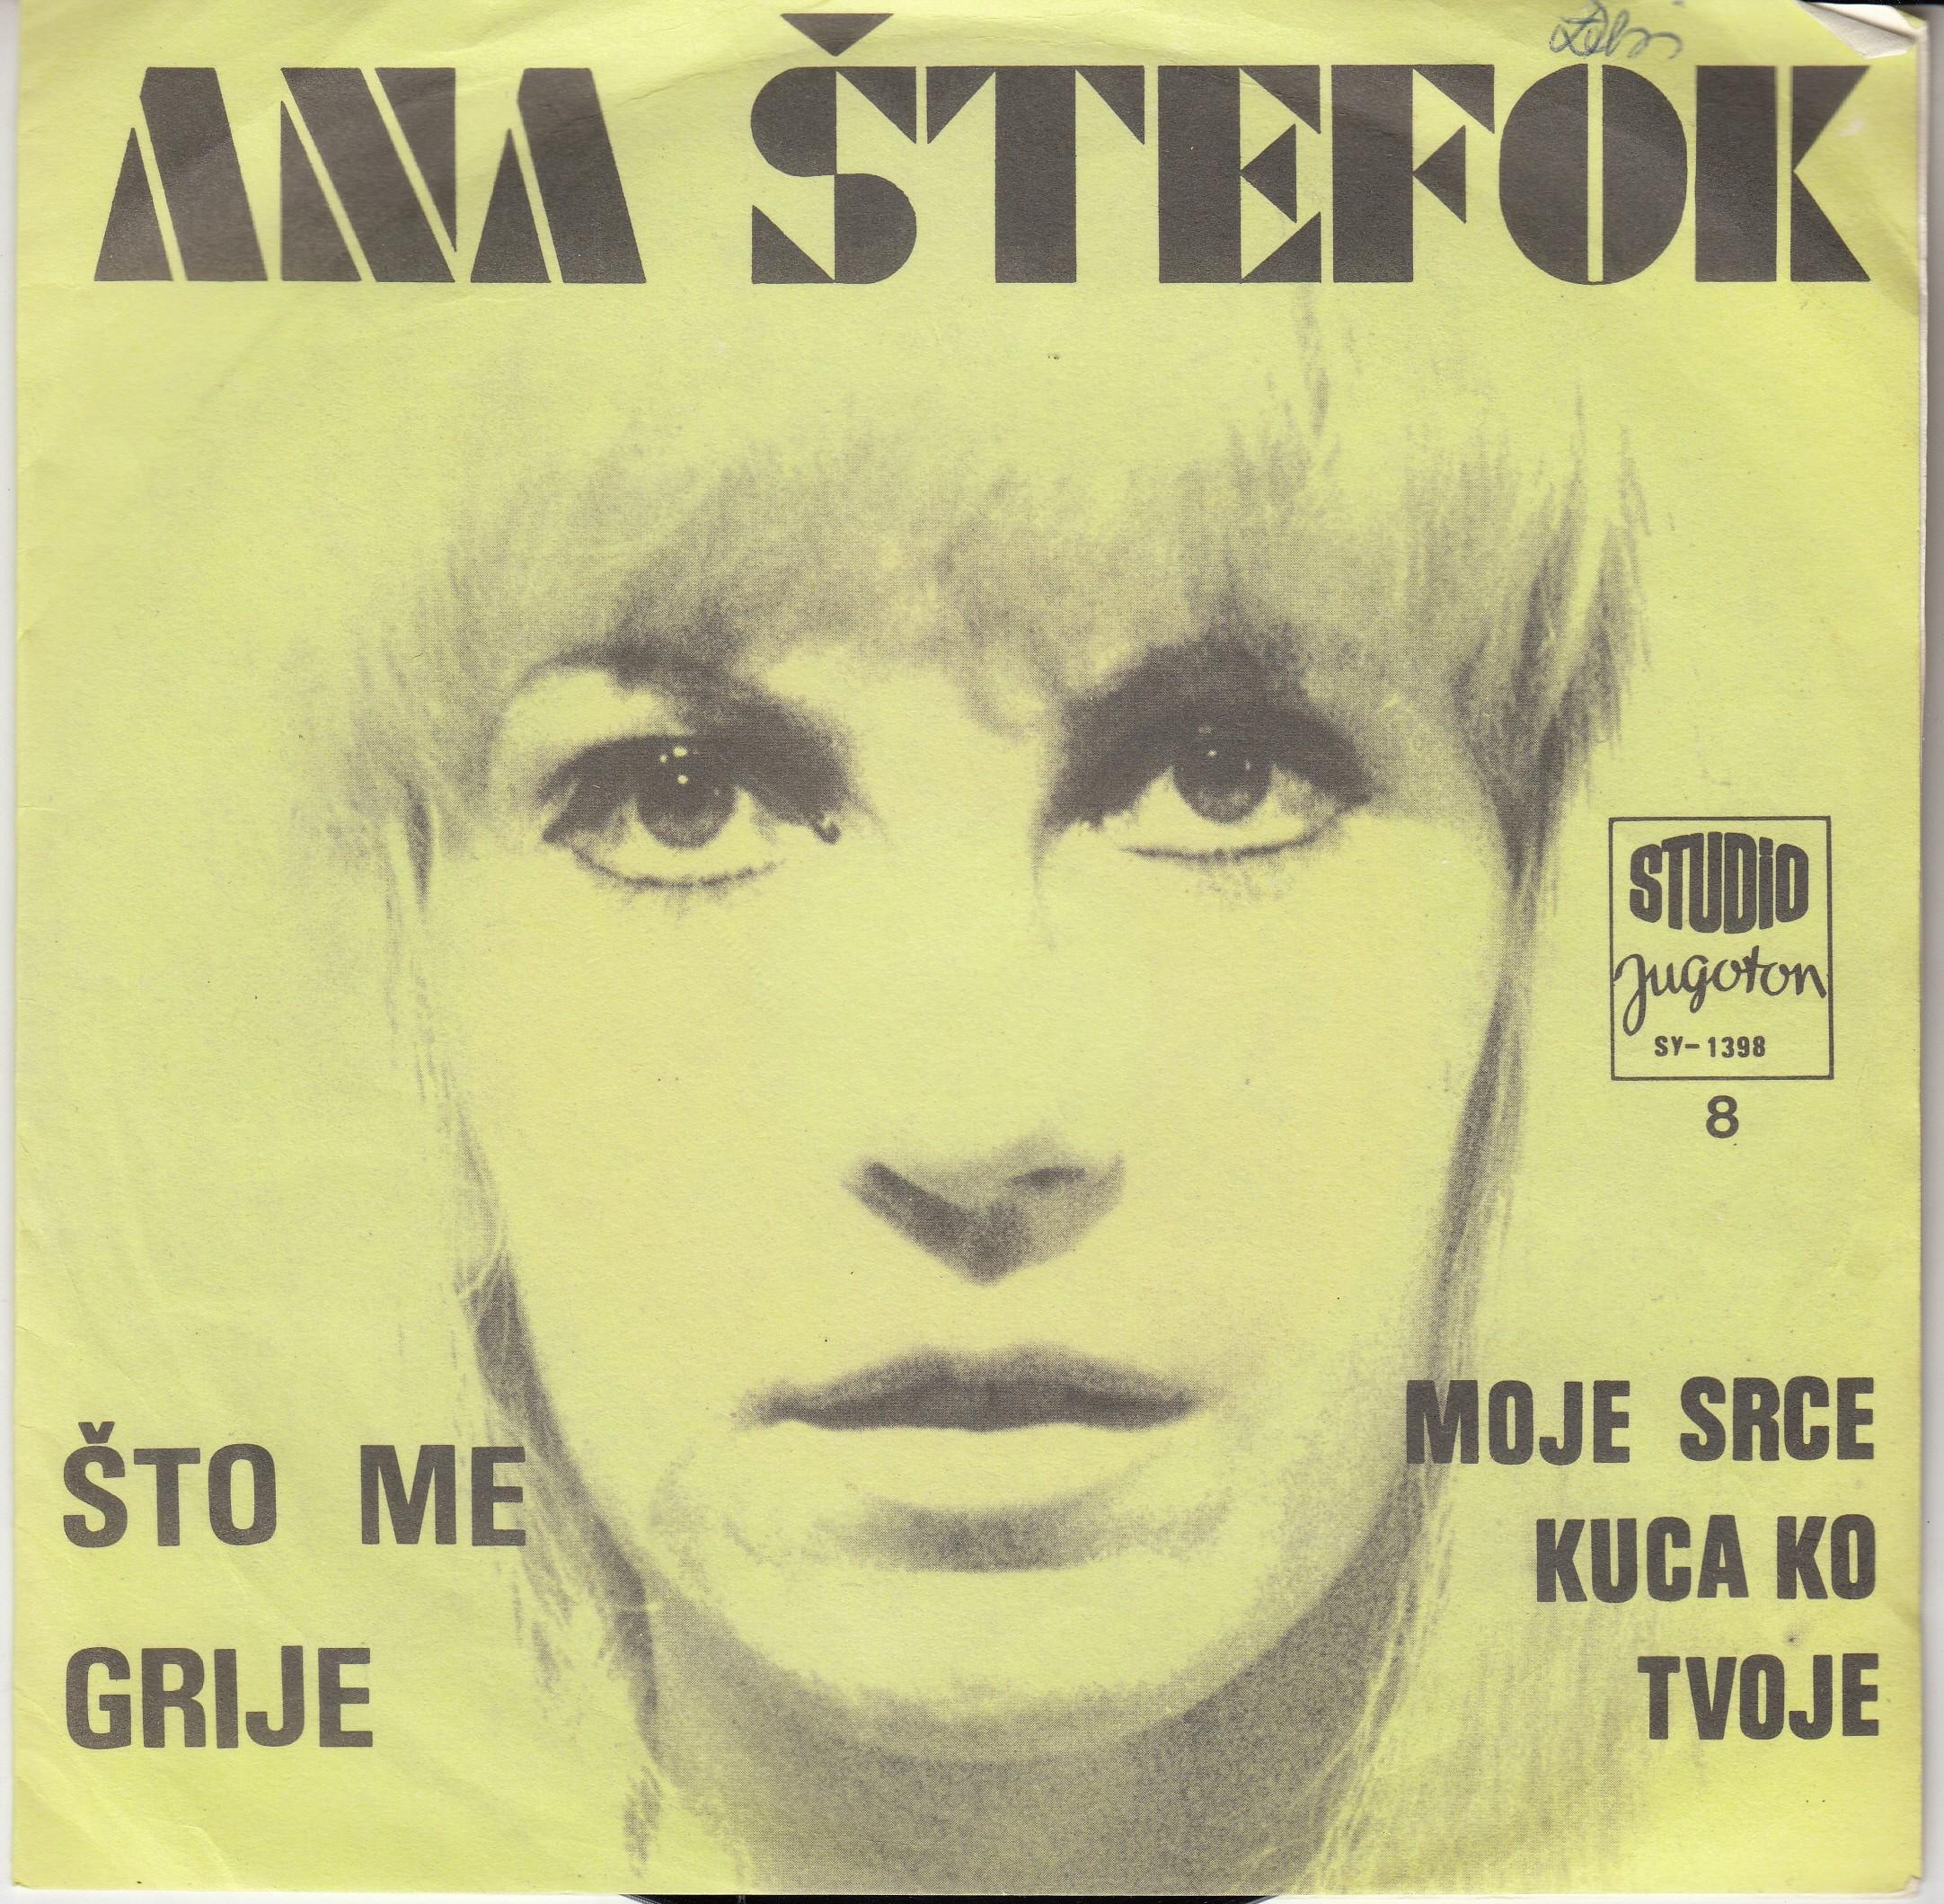 Stefok Ana - Sto Me Grije/moje Srce Kuca Ko Tvoje